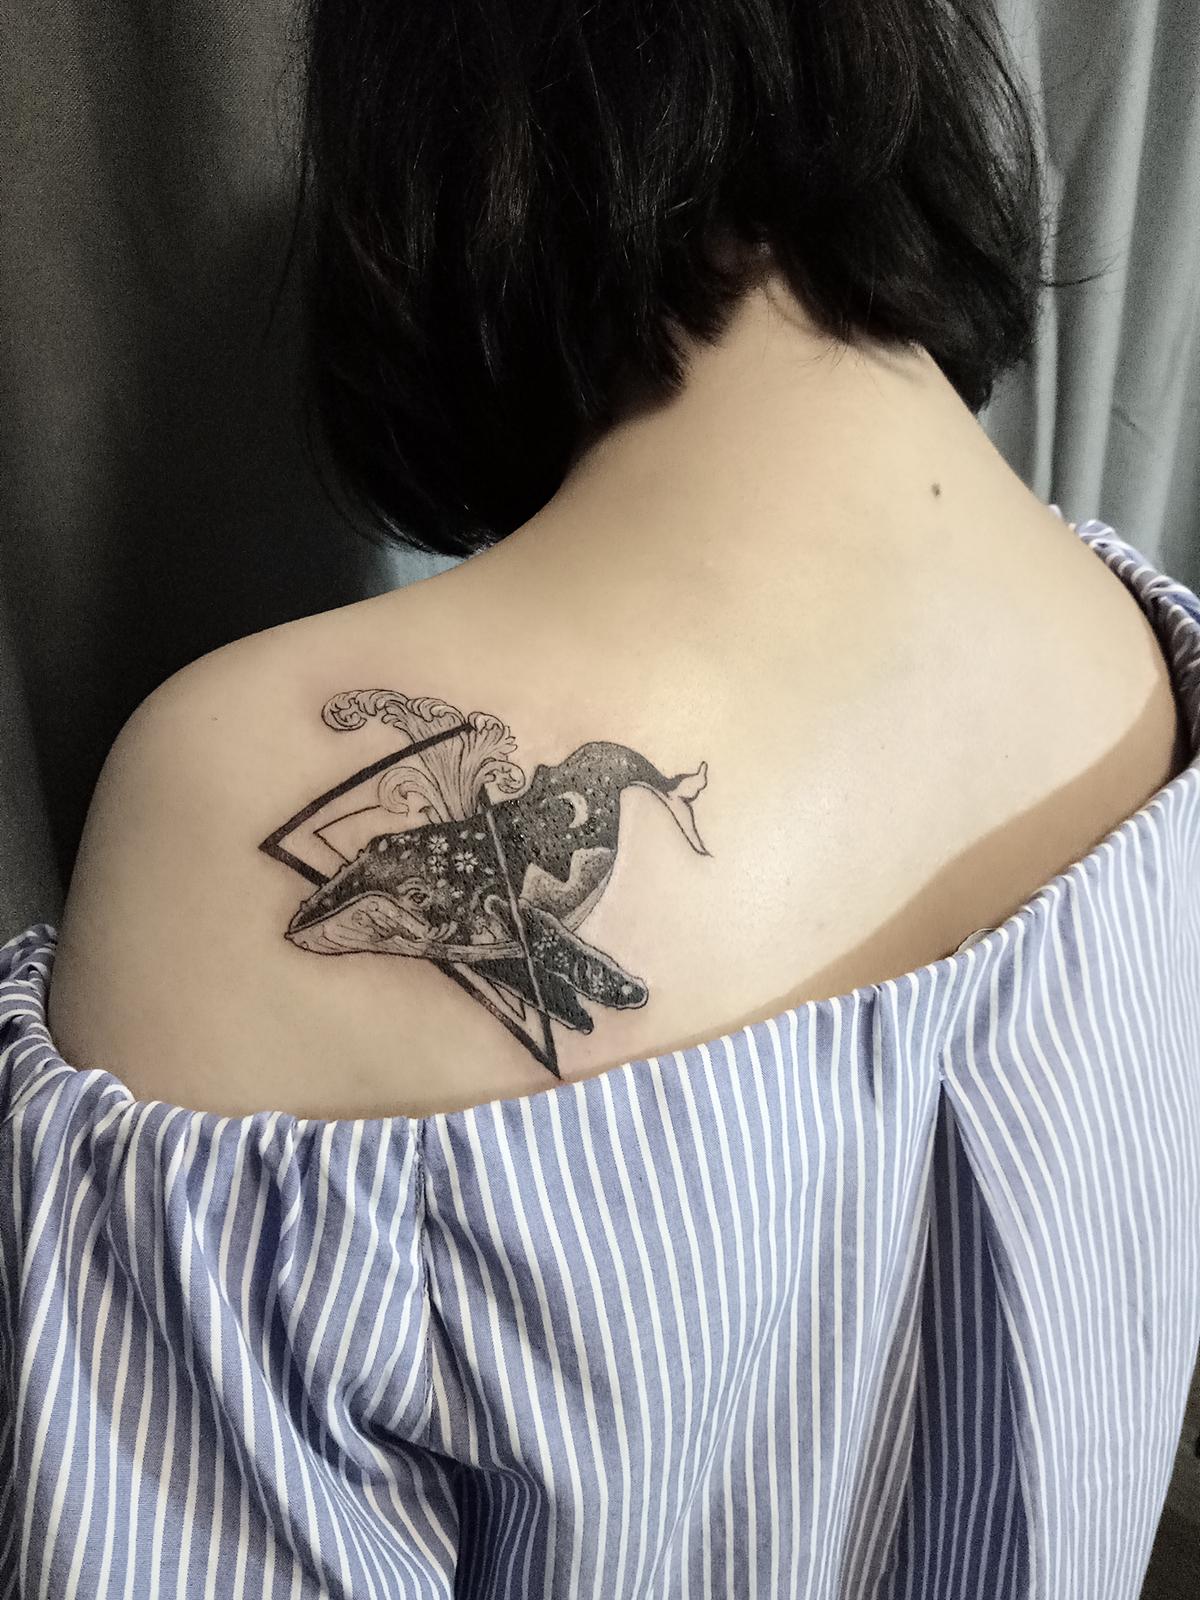 近日的纹身作品|插画|其他插画|刘嘿嘿weme - 原创